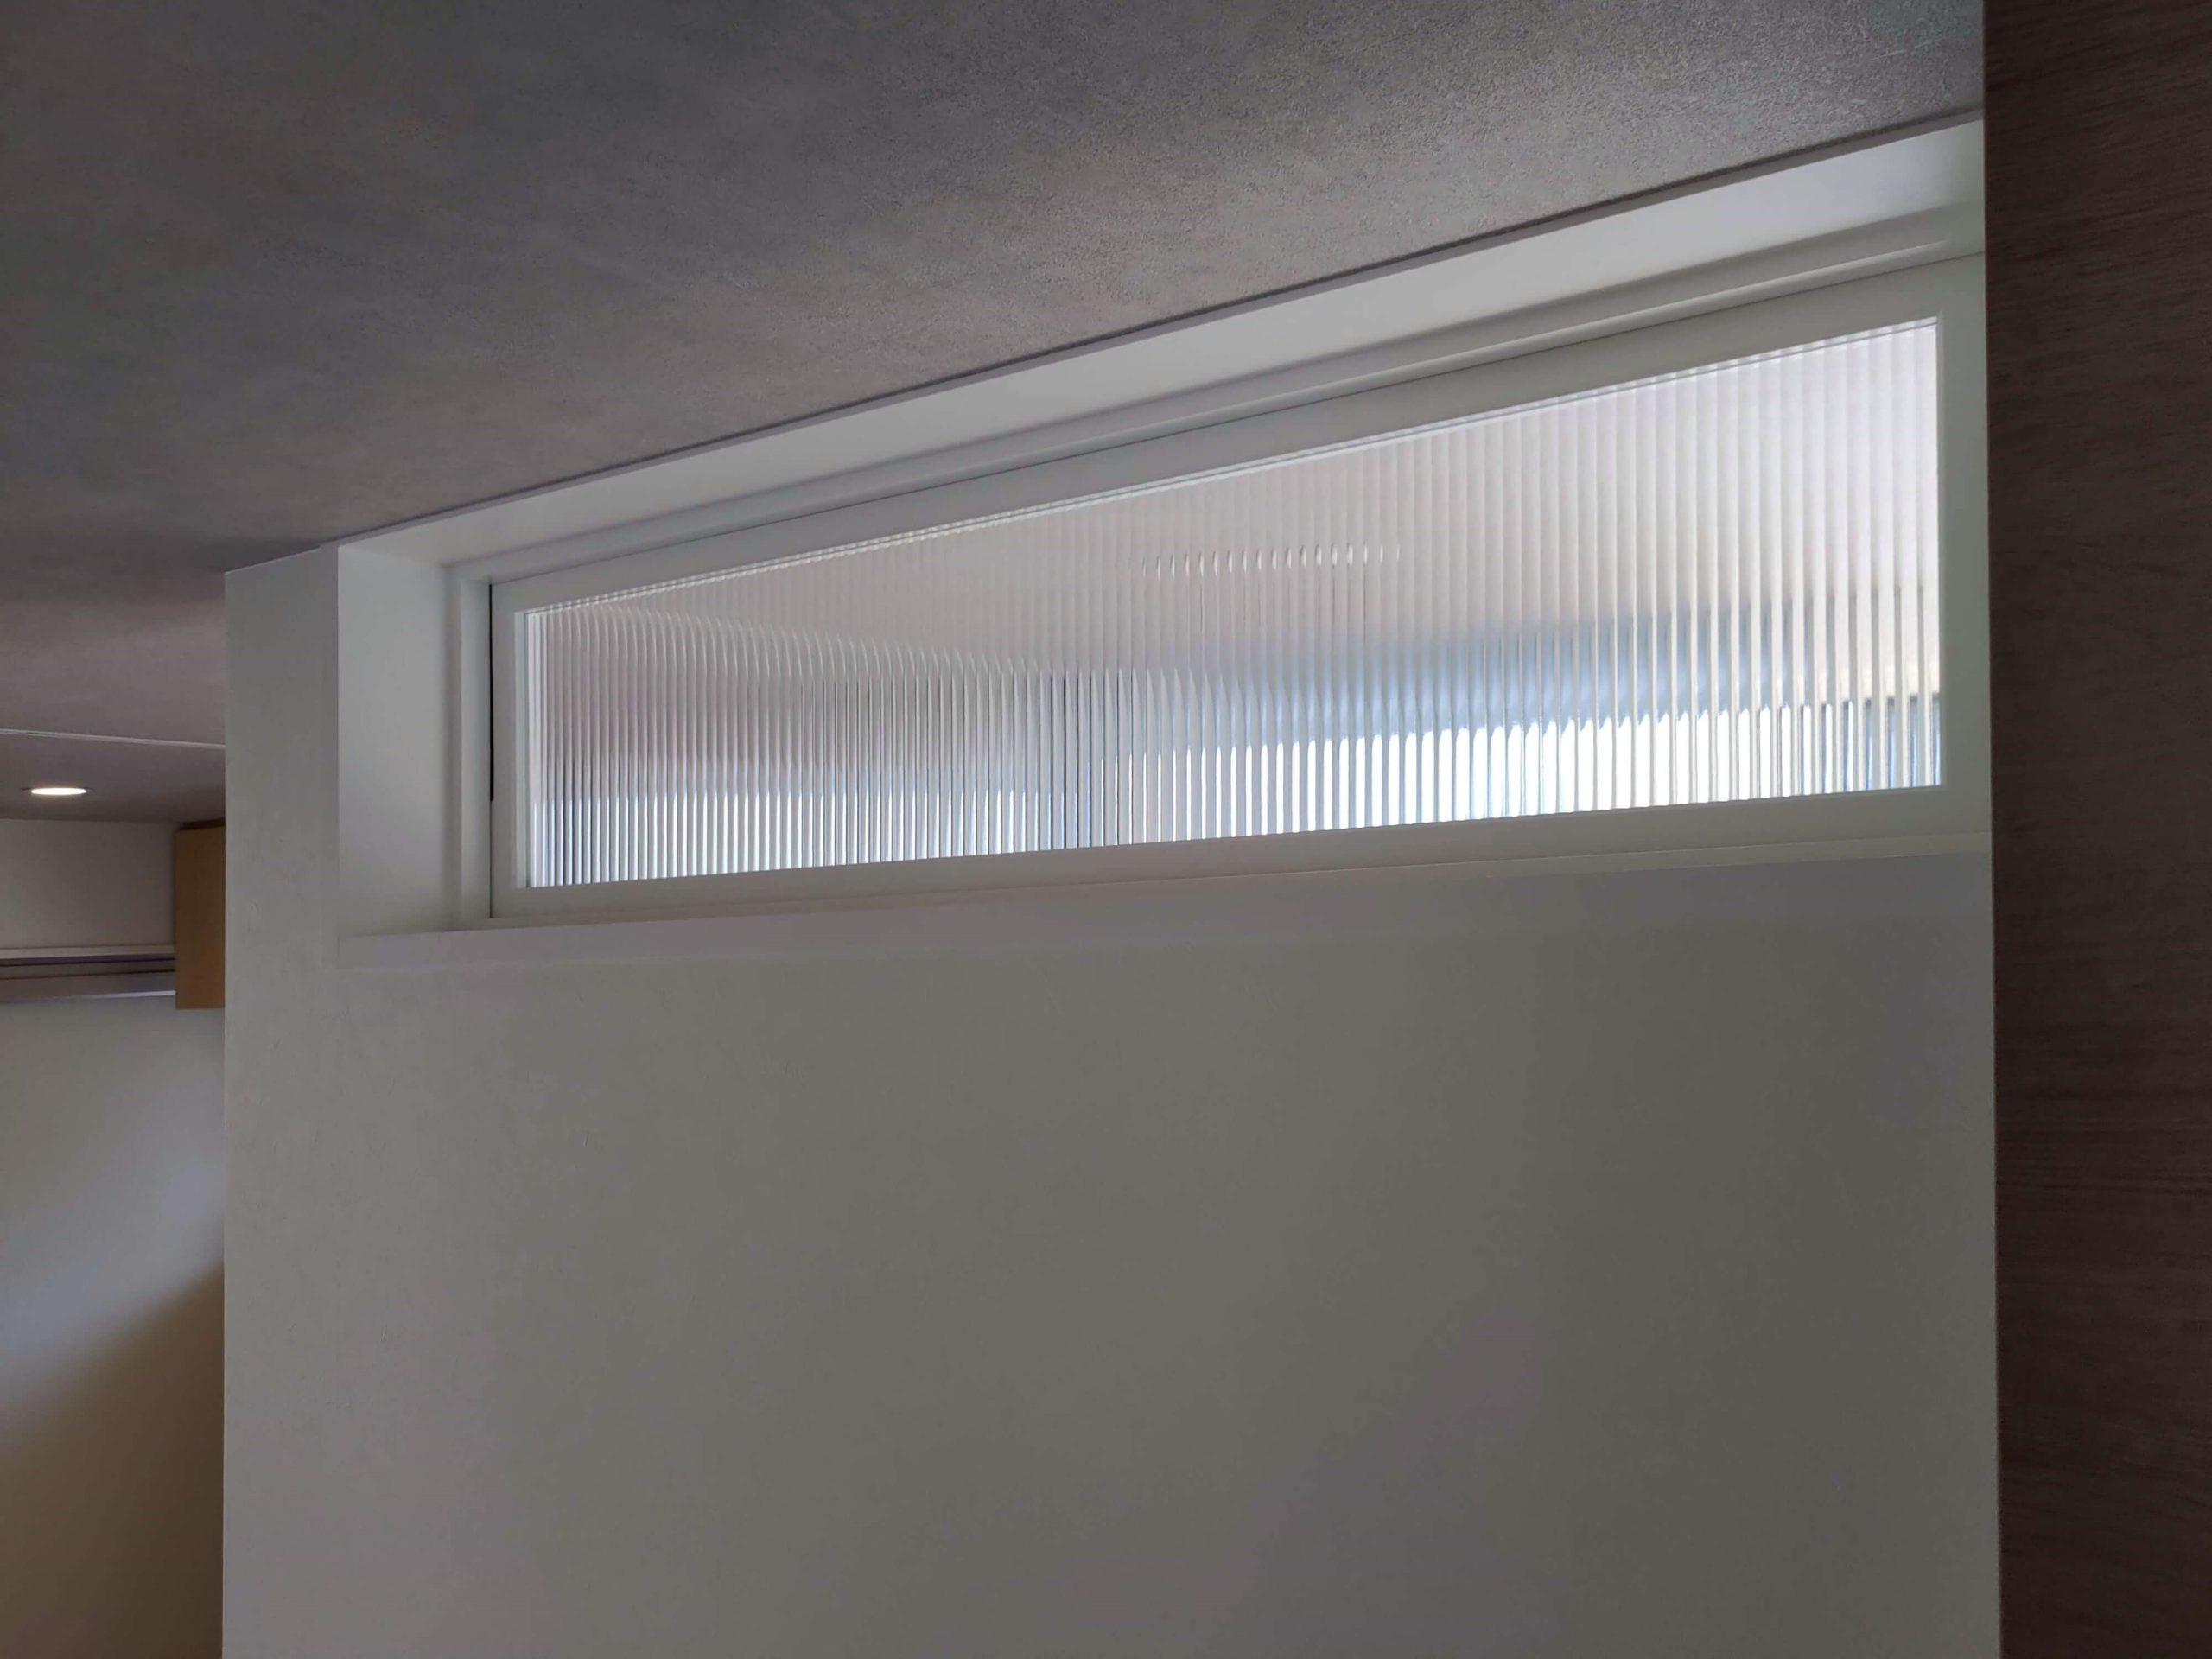 改寄町の住宅:家事室からキッチンへの小窓